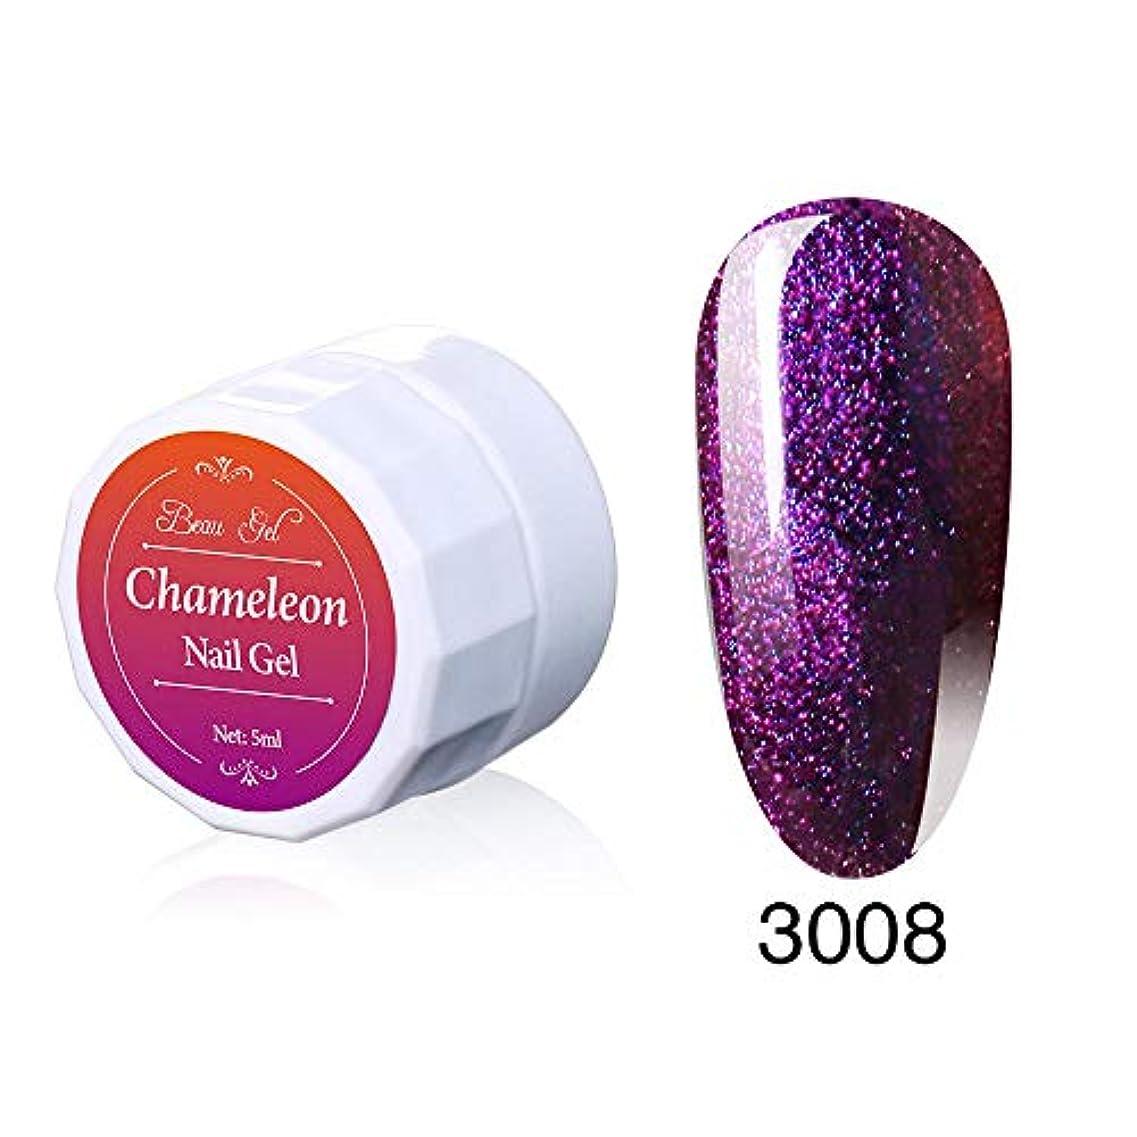 とティームインサート相対的Beau gel ジェルネイル カラージェル 変色系 1色入り 5ml-3008